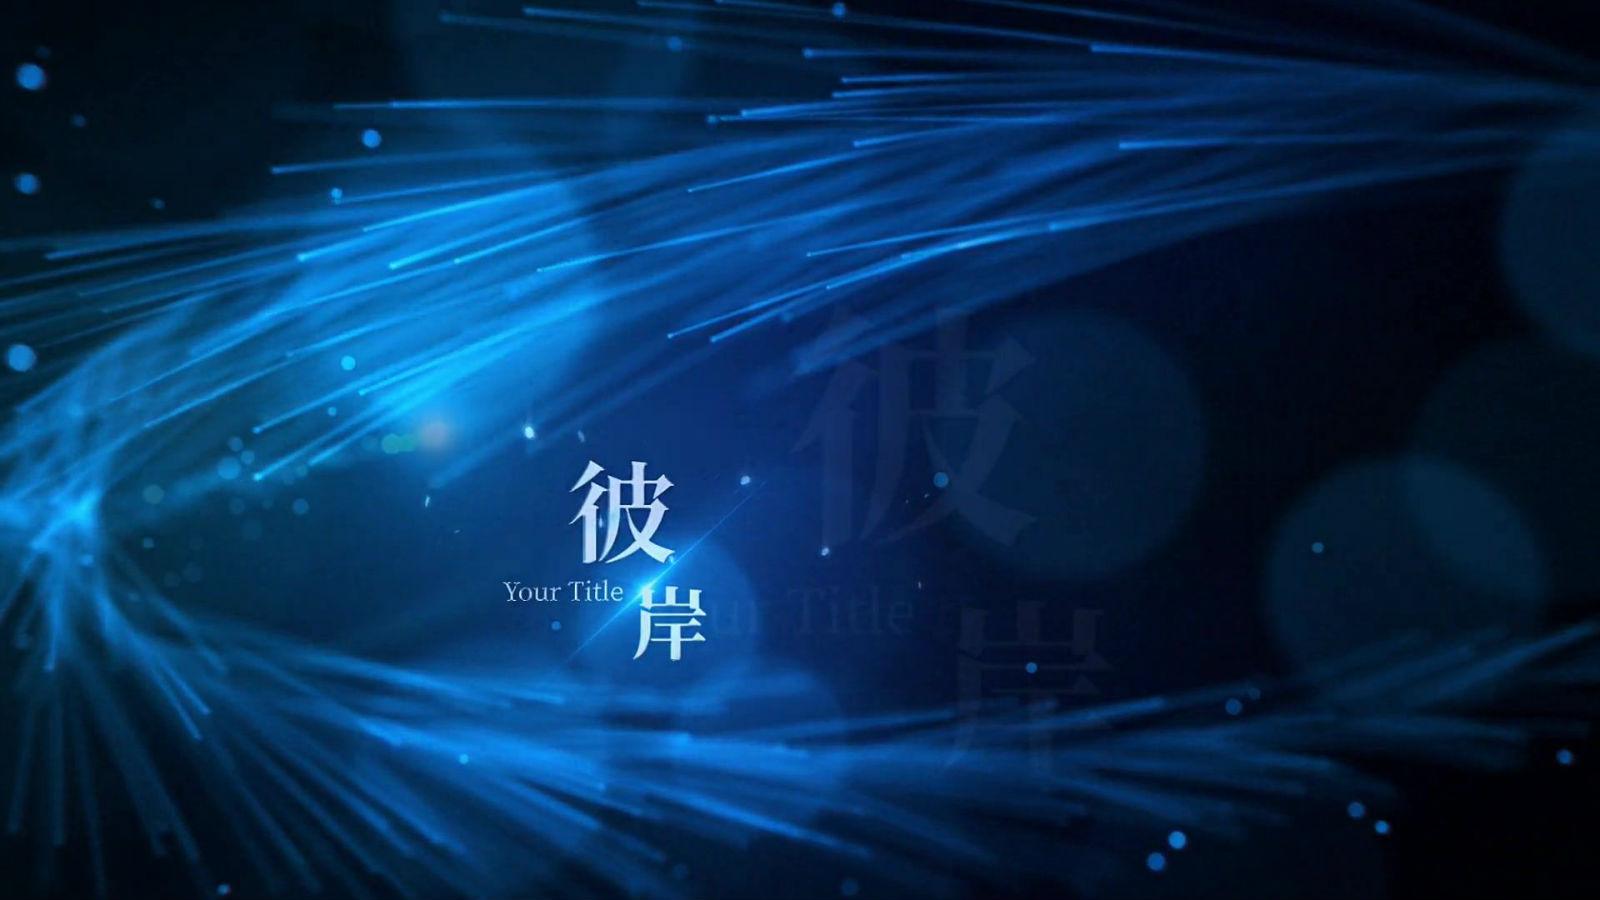 【無需插件】藍色唯美粒子標題字幕展示視頻素材